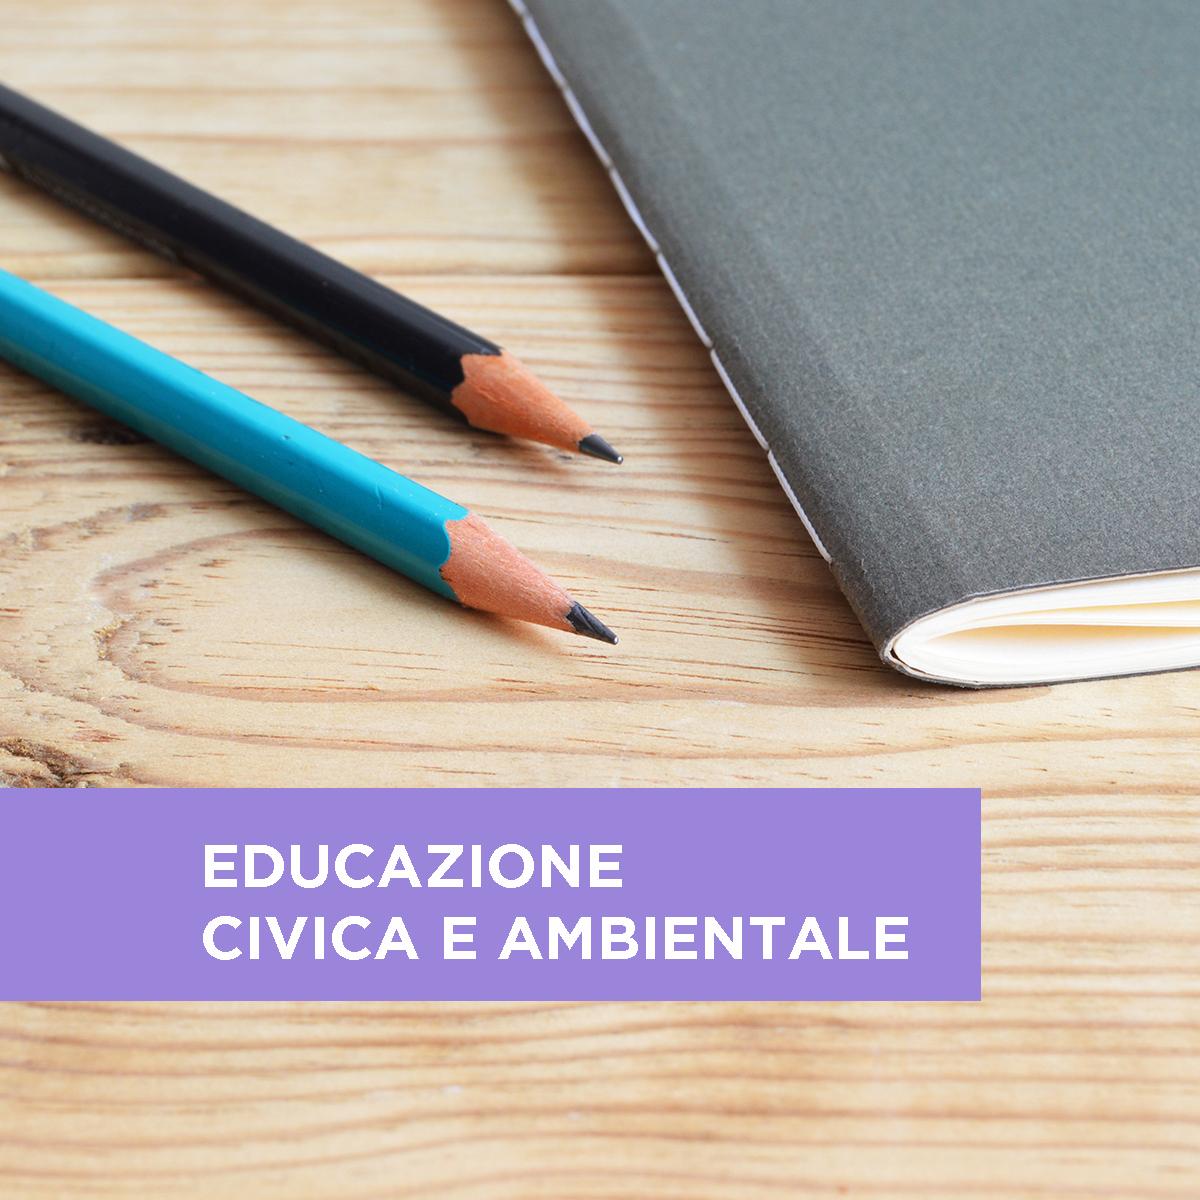 L'insegnamento dell'educazione civica secondo la legge 92/2019 - Curricolo, organizzazione e valutazione